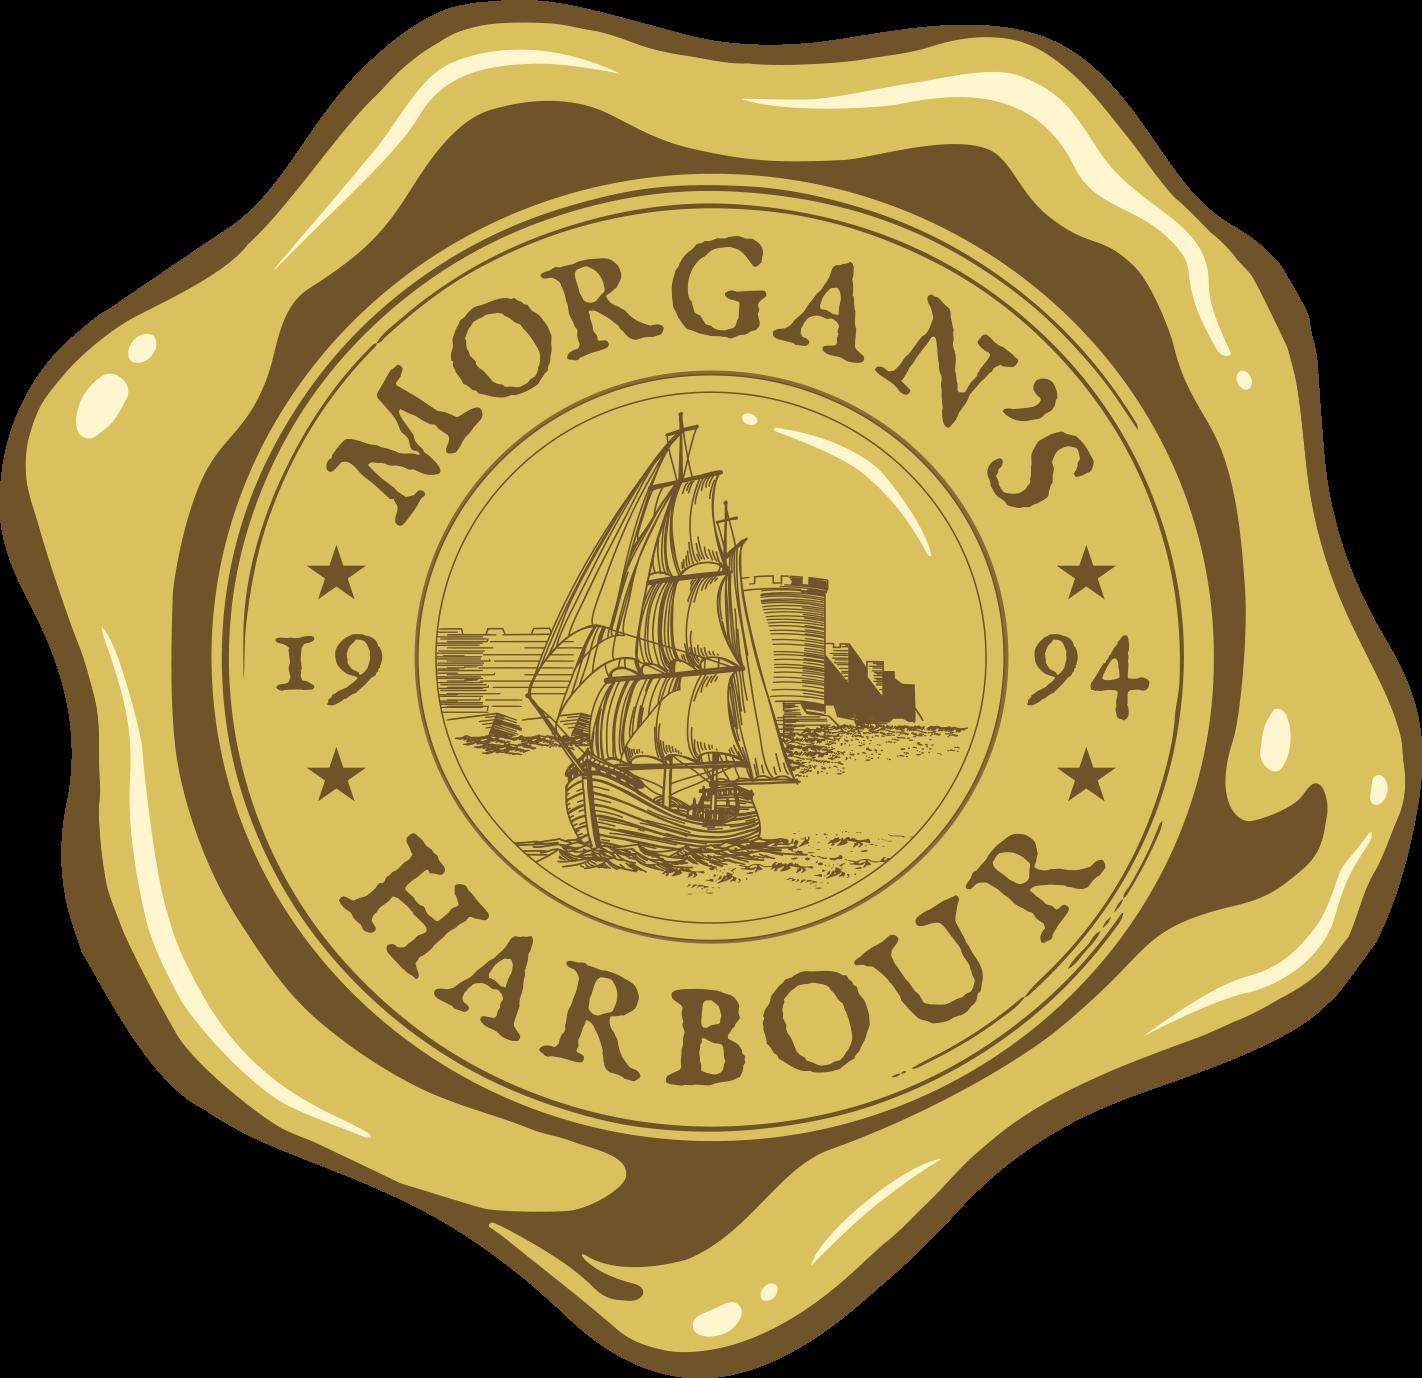 Morgan's Harbour Patties